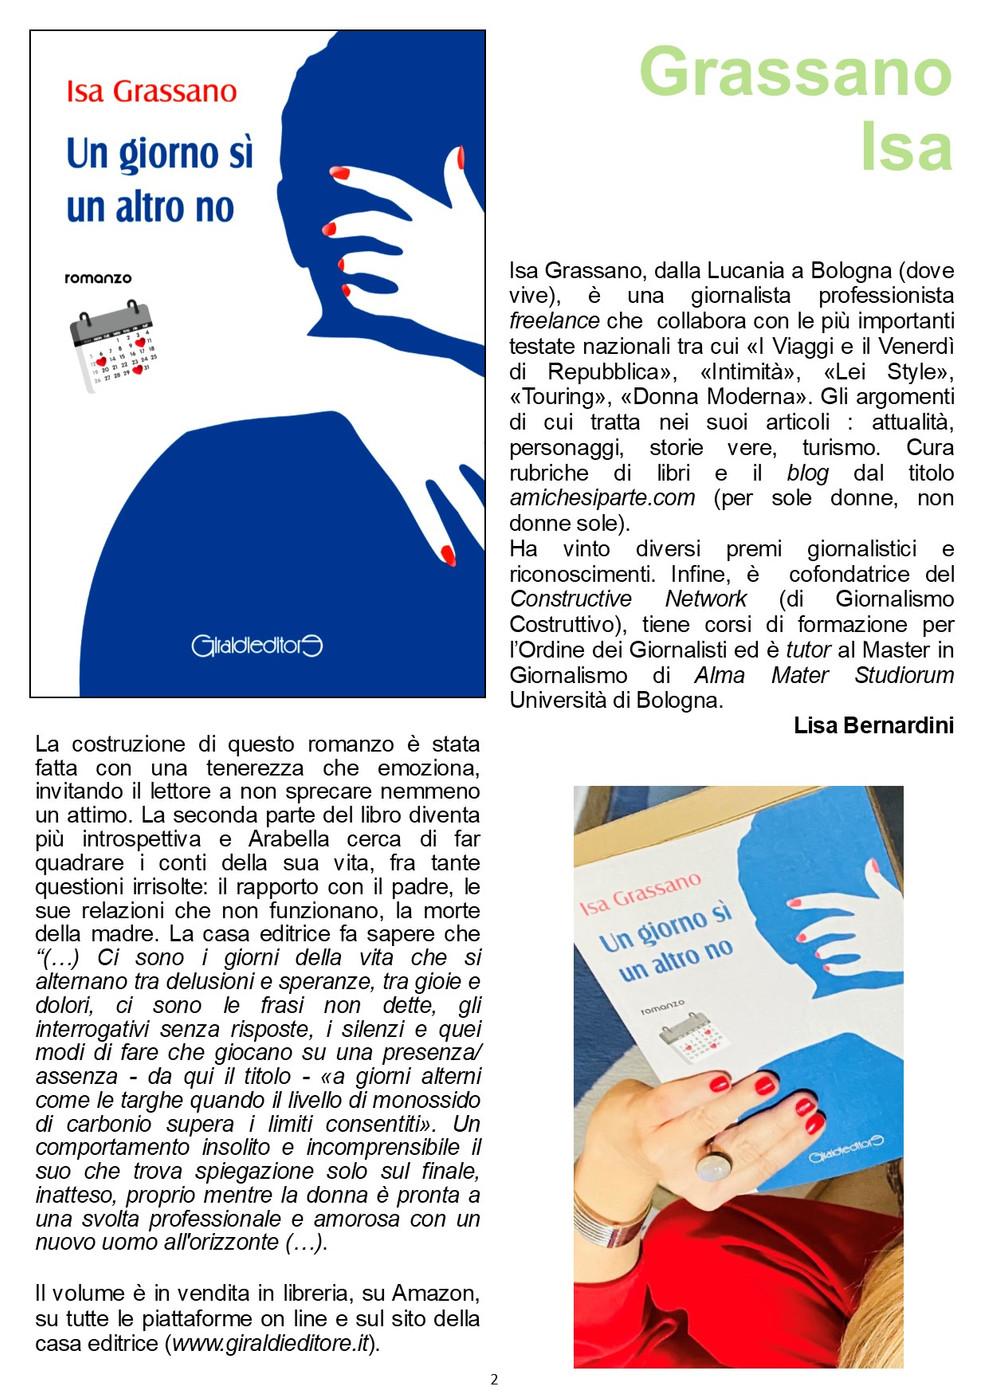 Grassano 2 Isa 18052021.jpg